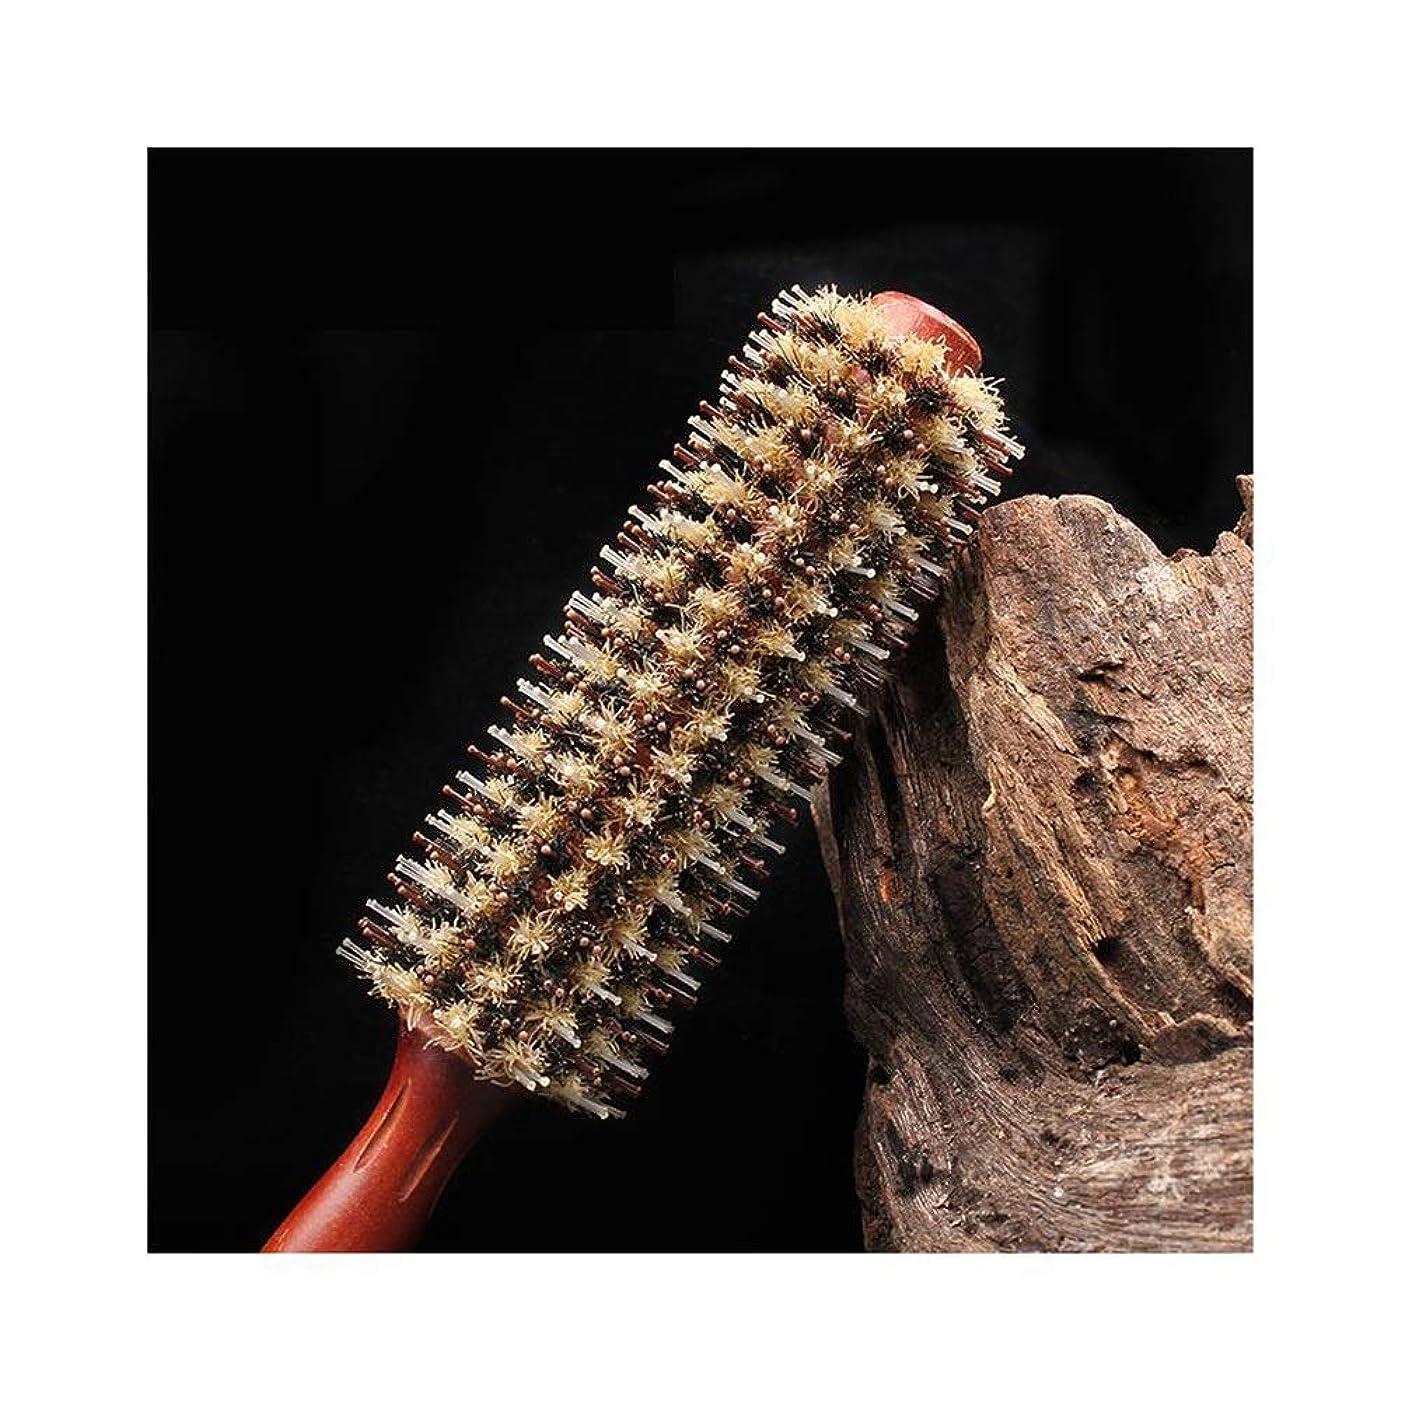 添加剤外国人パドルFinison すべての毛の木の自然なイノシシの剛毛の毛の櫛のための木の円形のヘアーブラシ (サイズ : 14 rows)